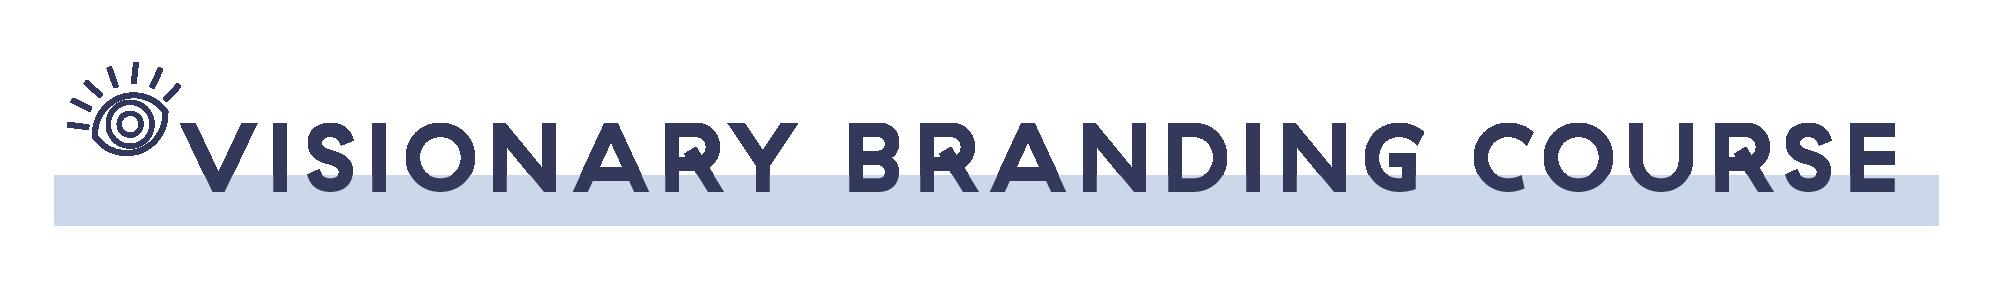 VB_Logo-01.png